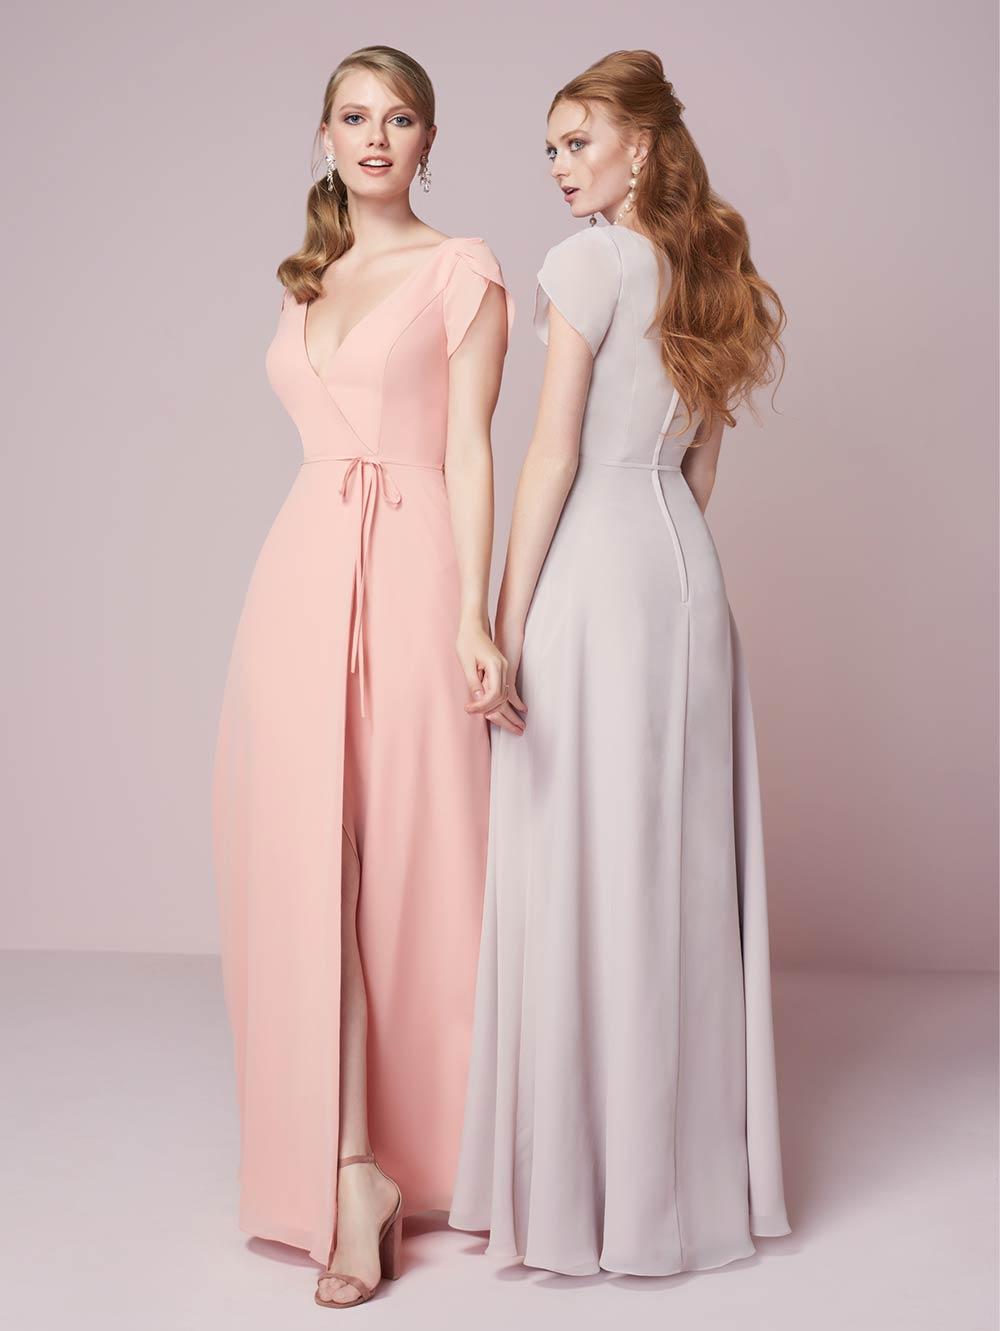 bridesmaid-dresses-jacquelin-bridals-canada-27777